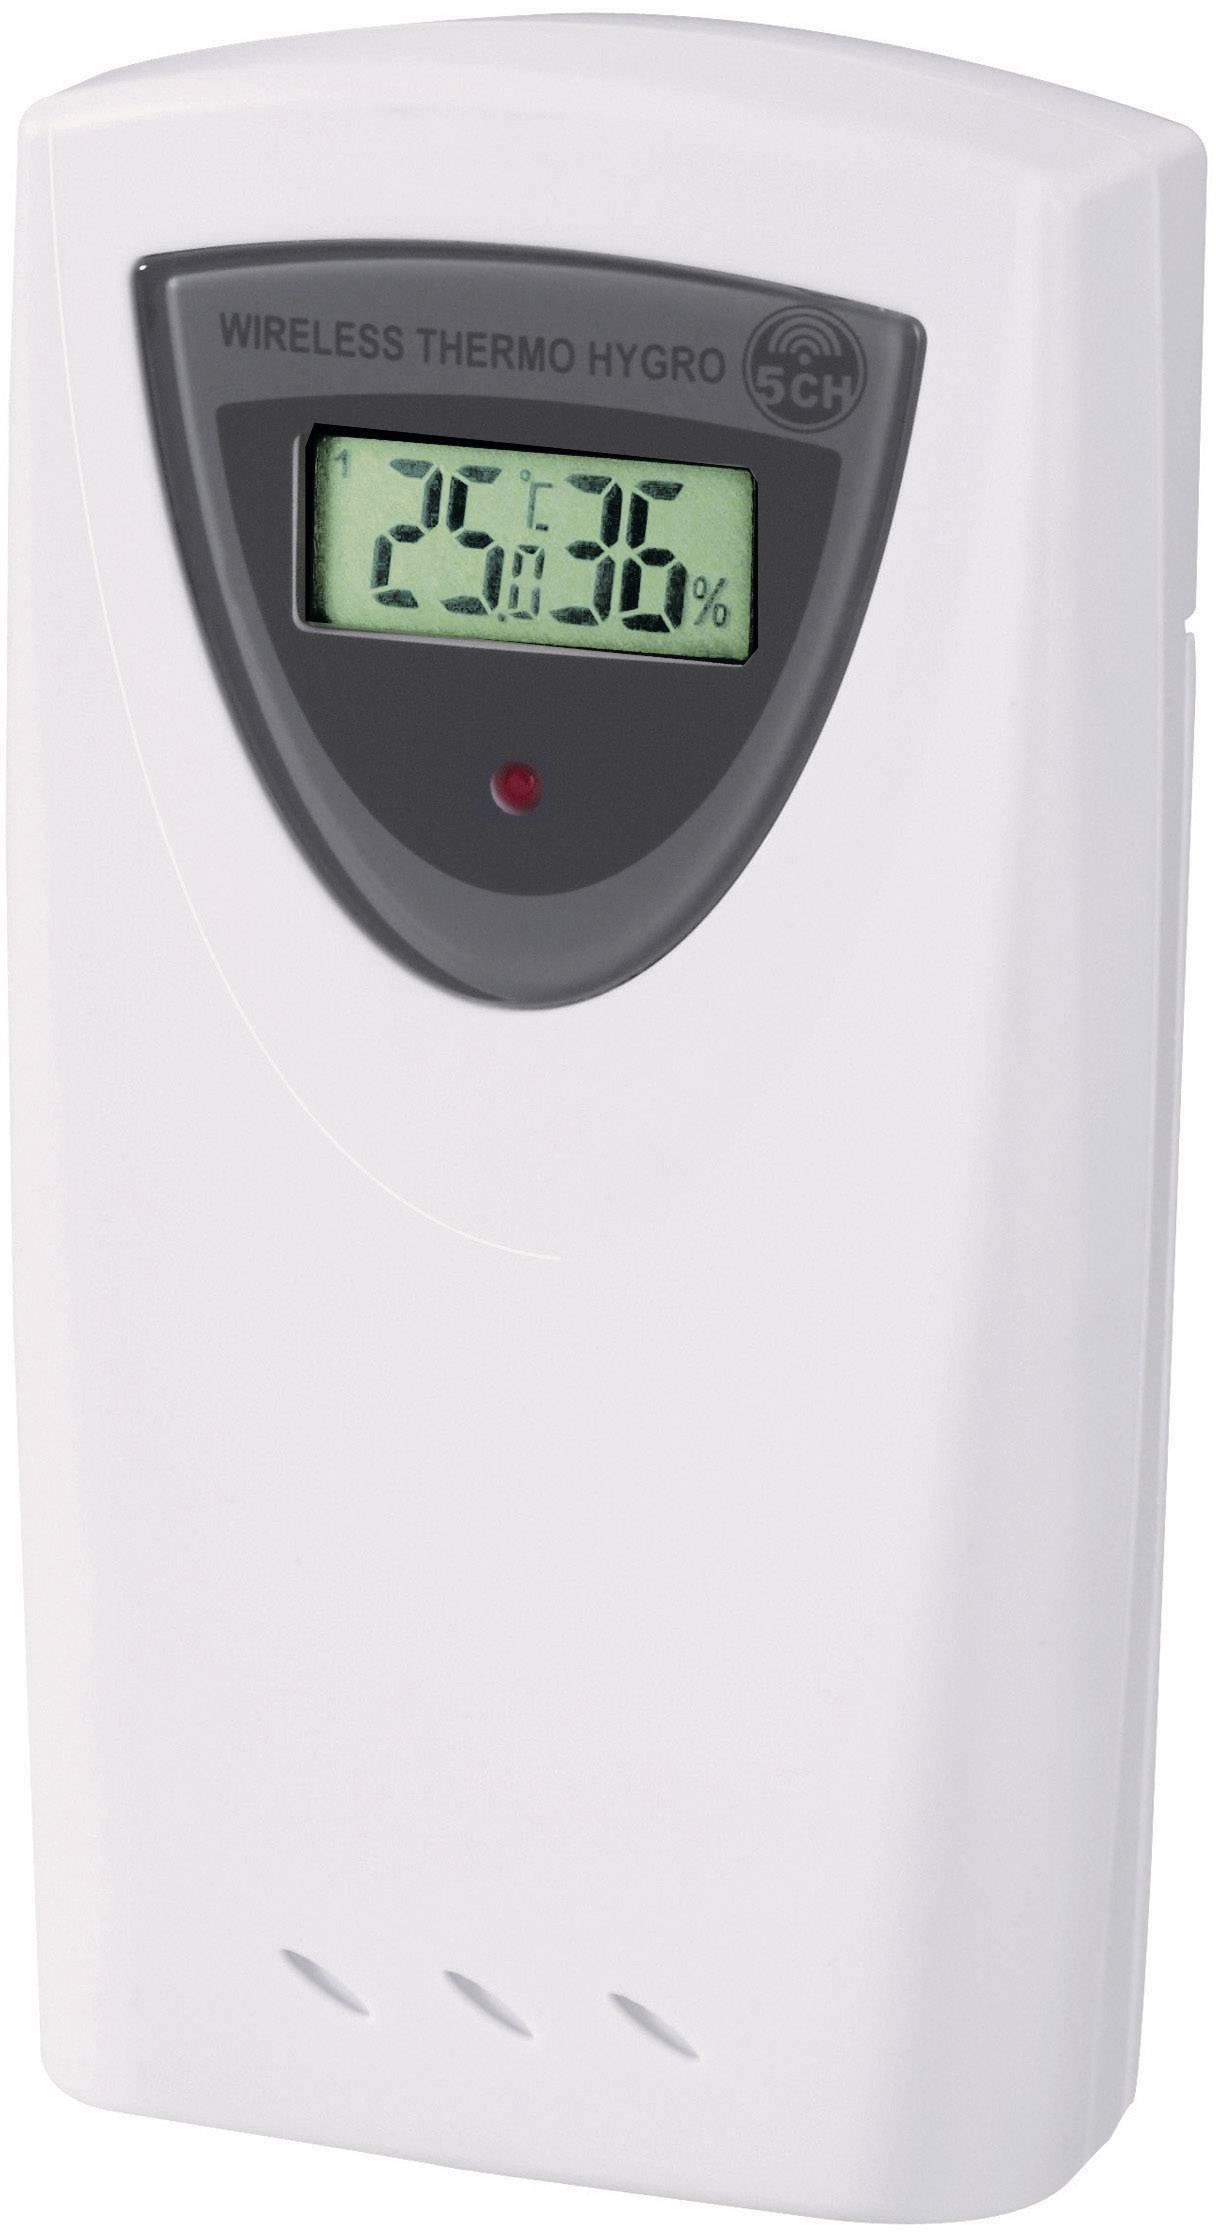 Teplotní/vlhkostní senzor TS34C